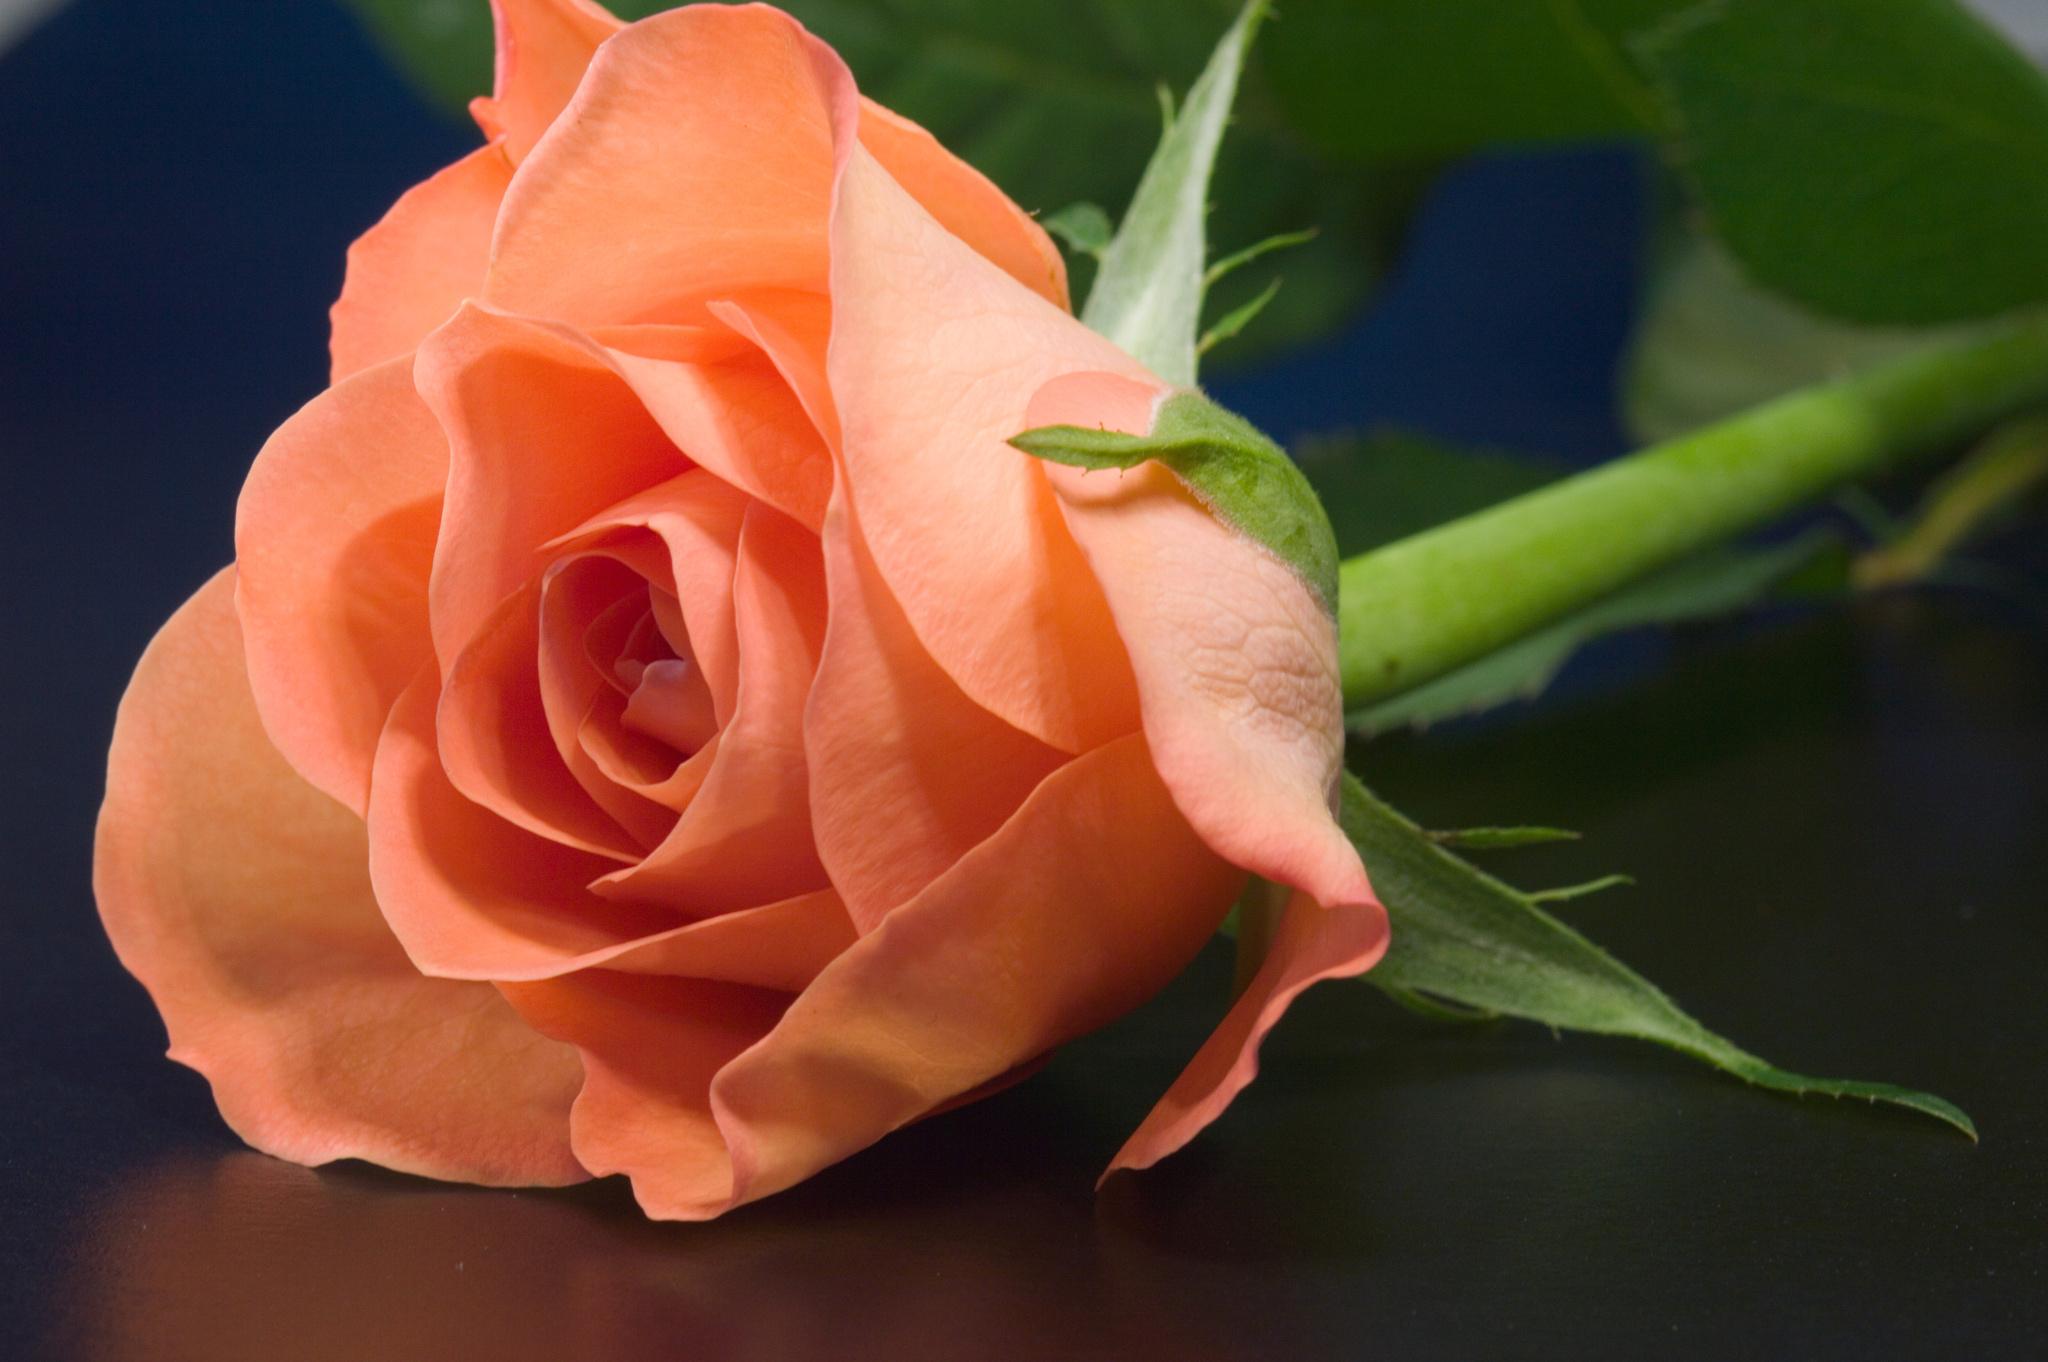 розы персиковый цвет фото вам округлости